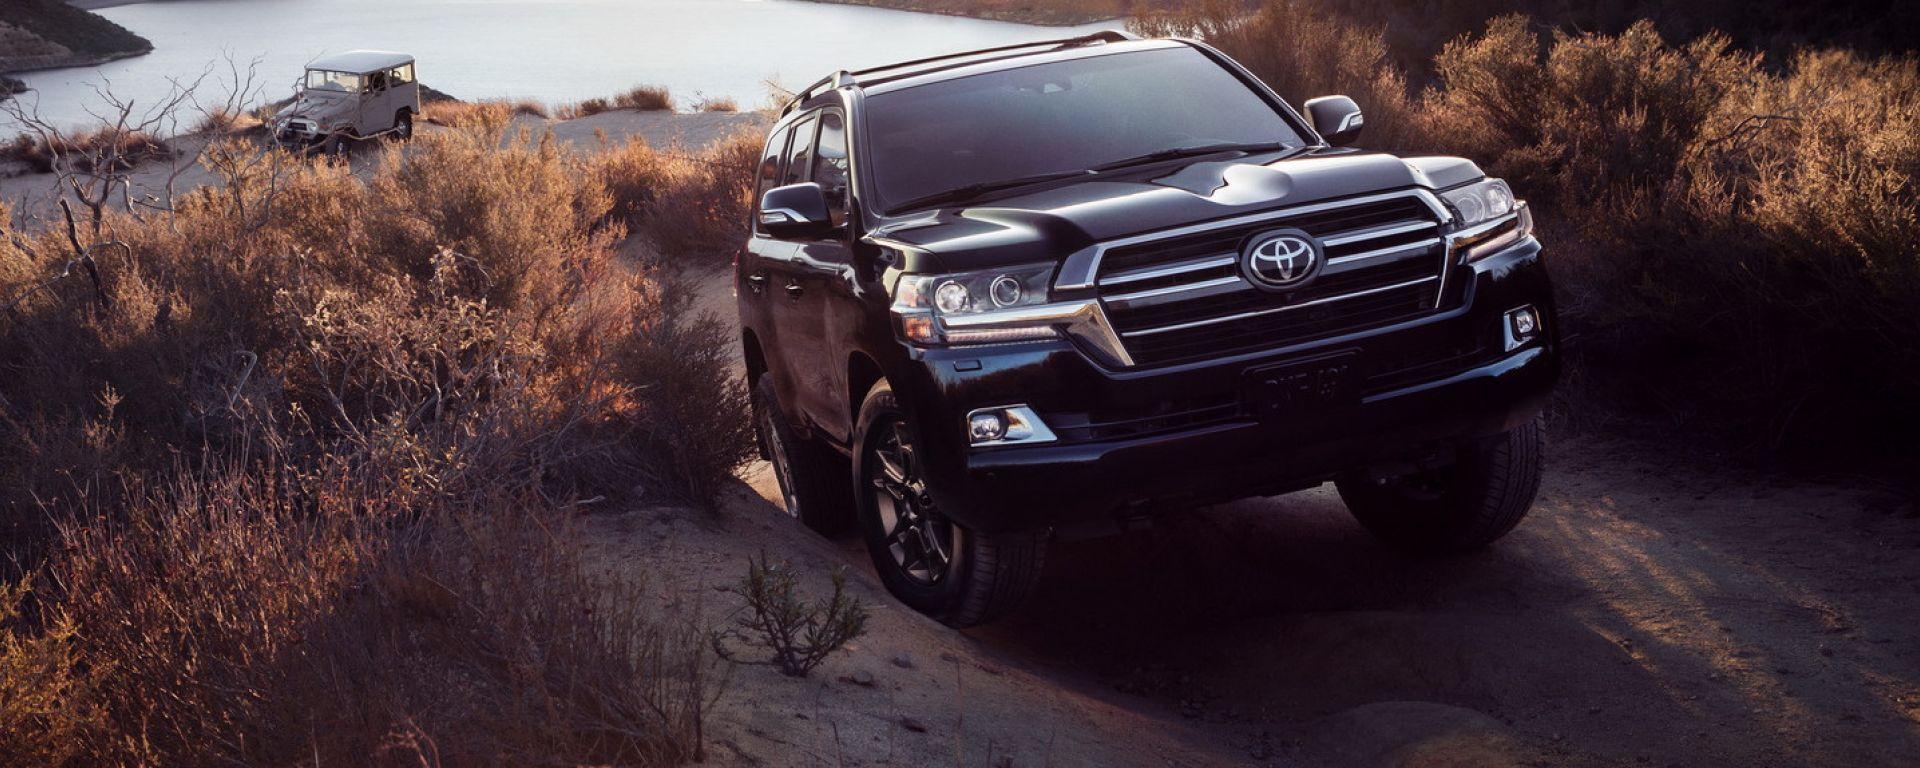 Toyota Land Cruiser Heritage Edition: arriva l'edizione speciale